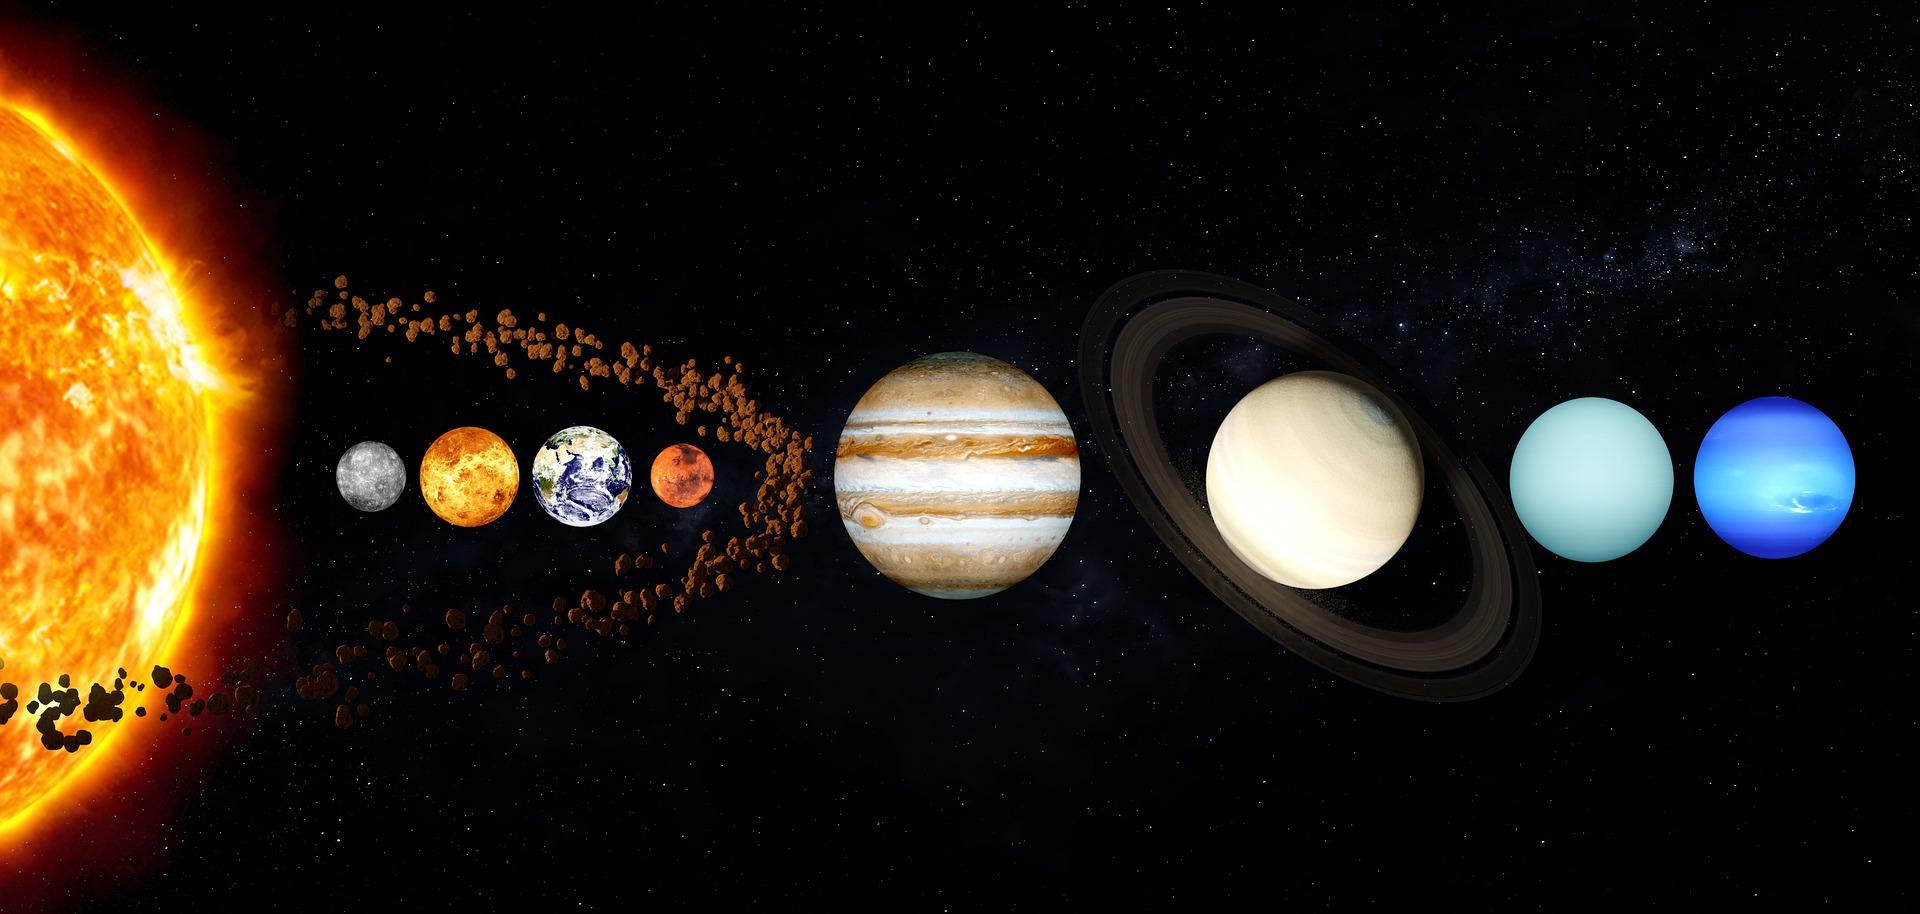 Bak Jupiter és társai(nk)